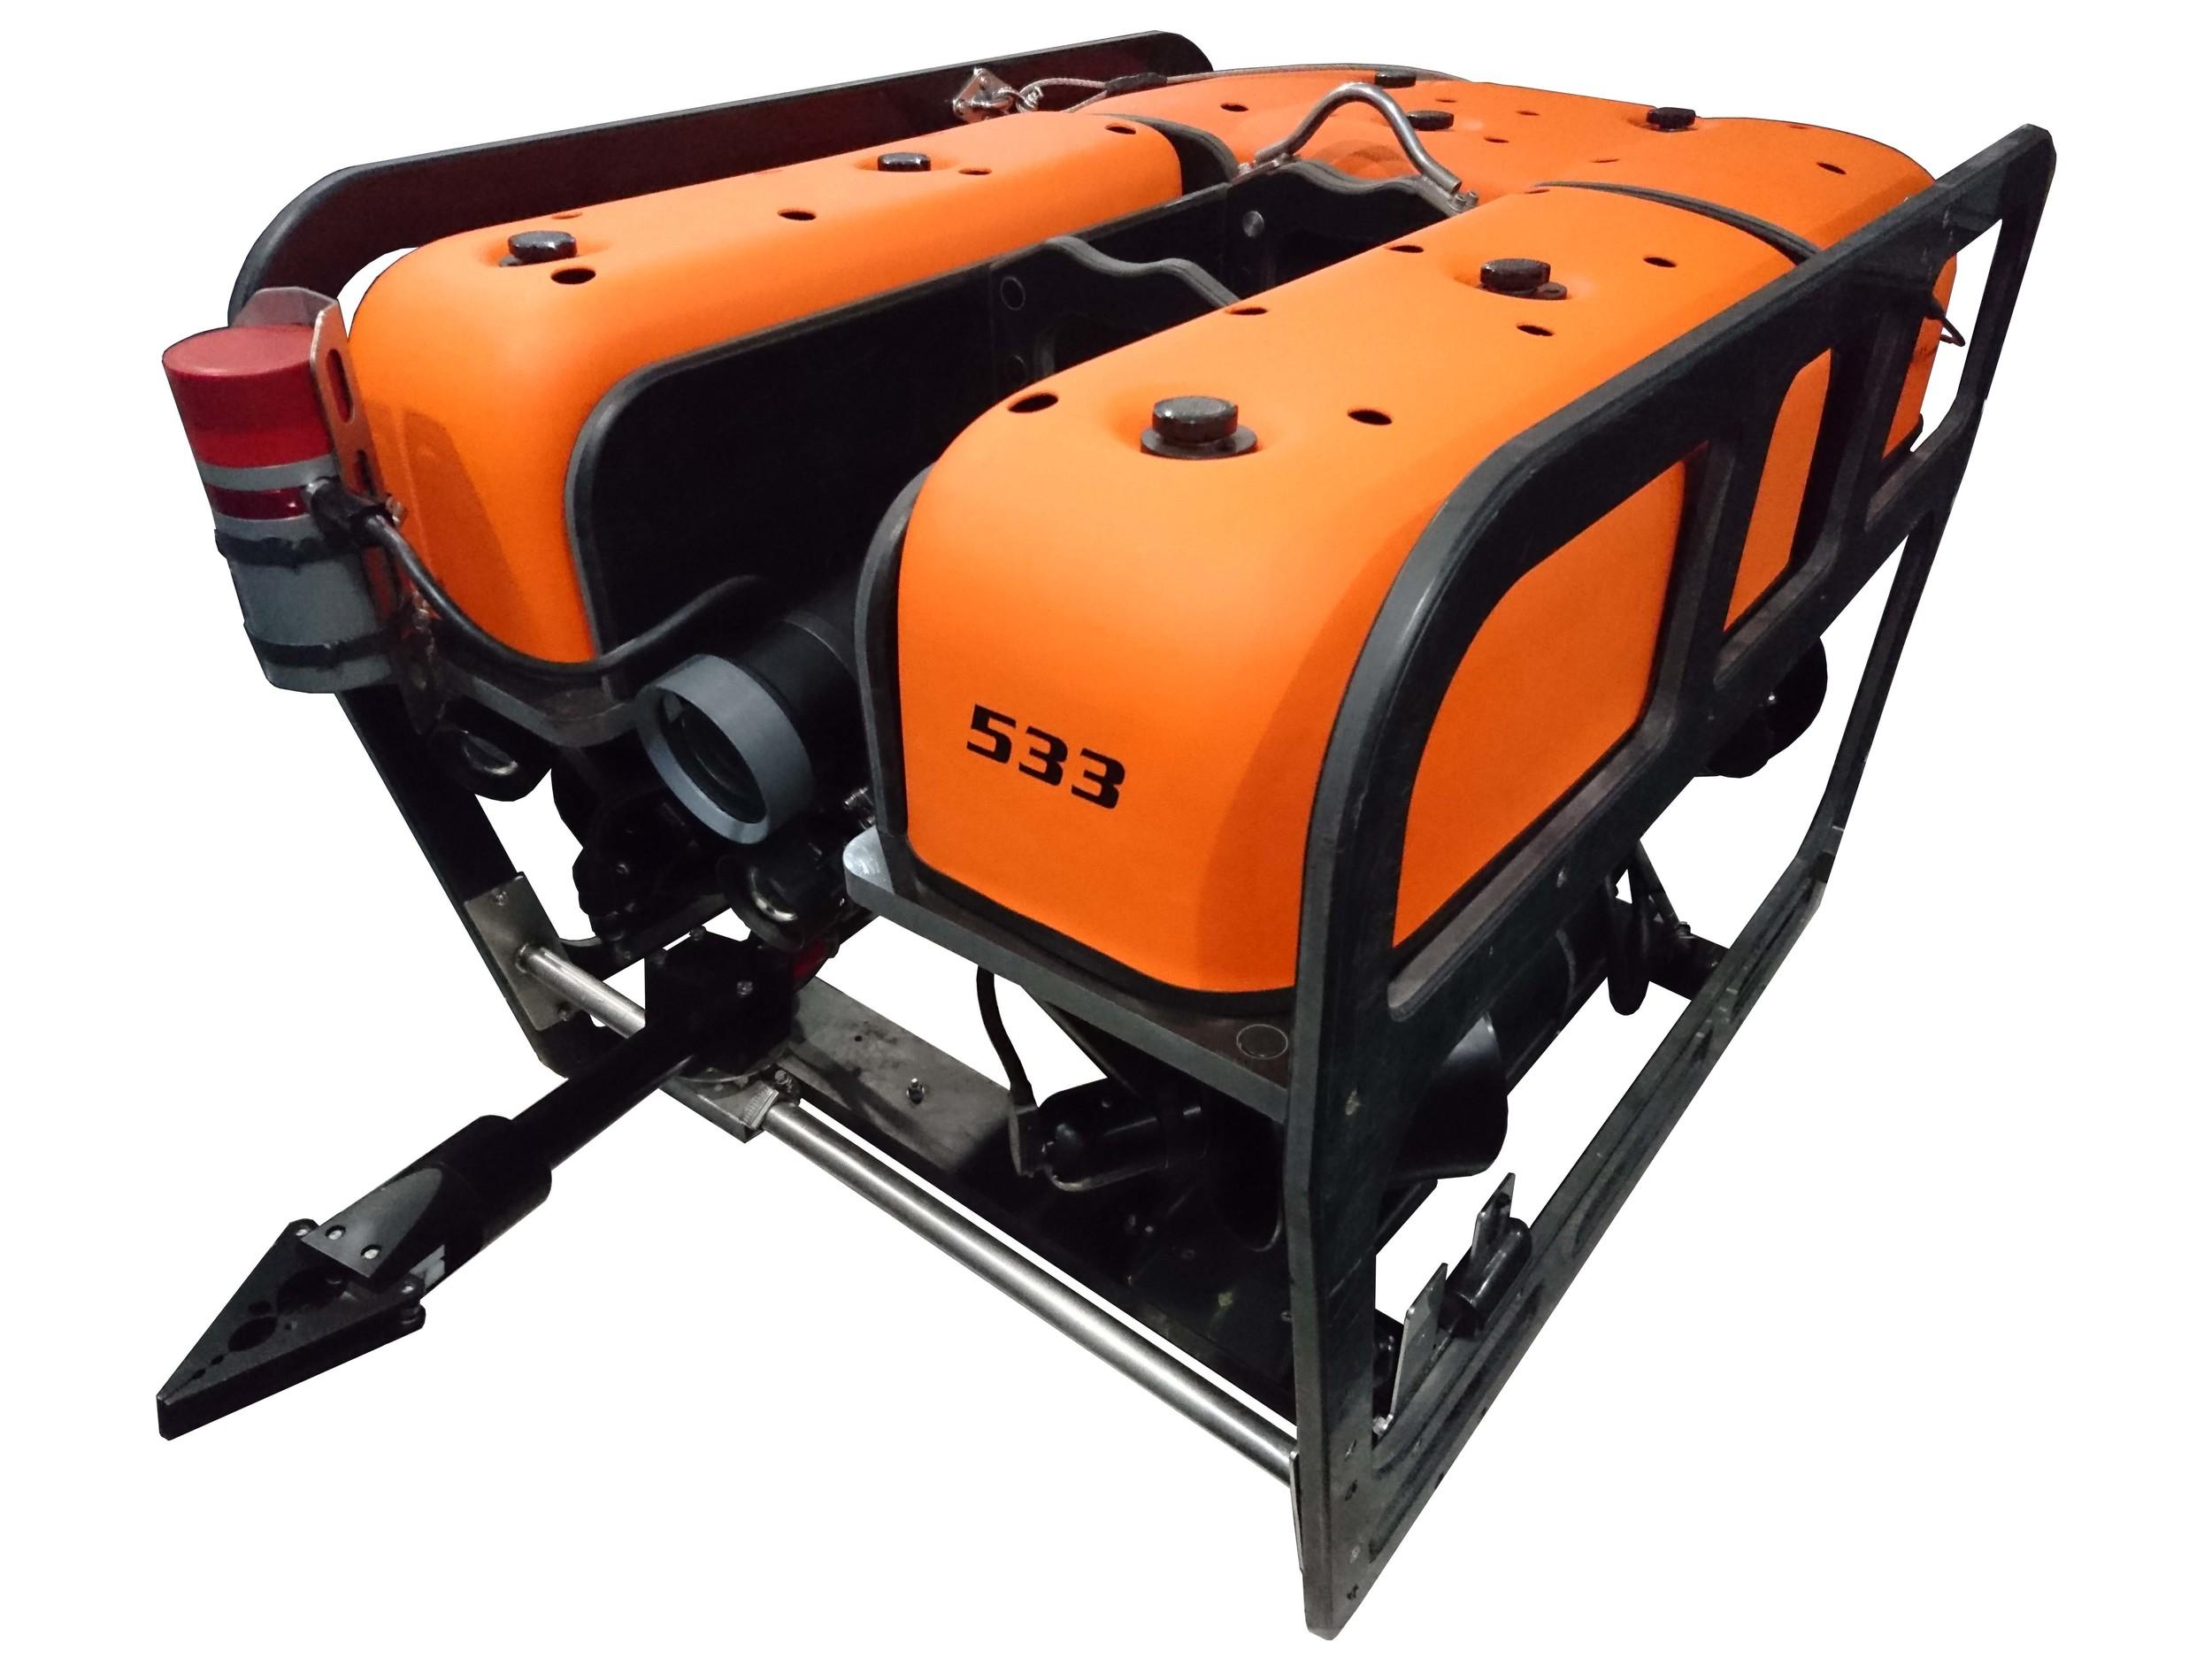 AUS-ROV Big Dog ROV